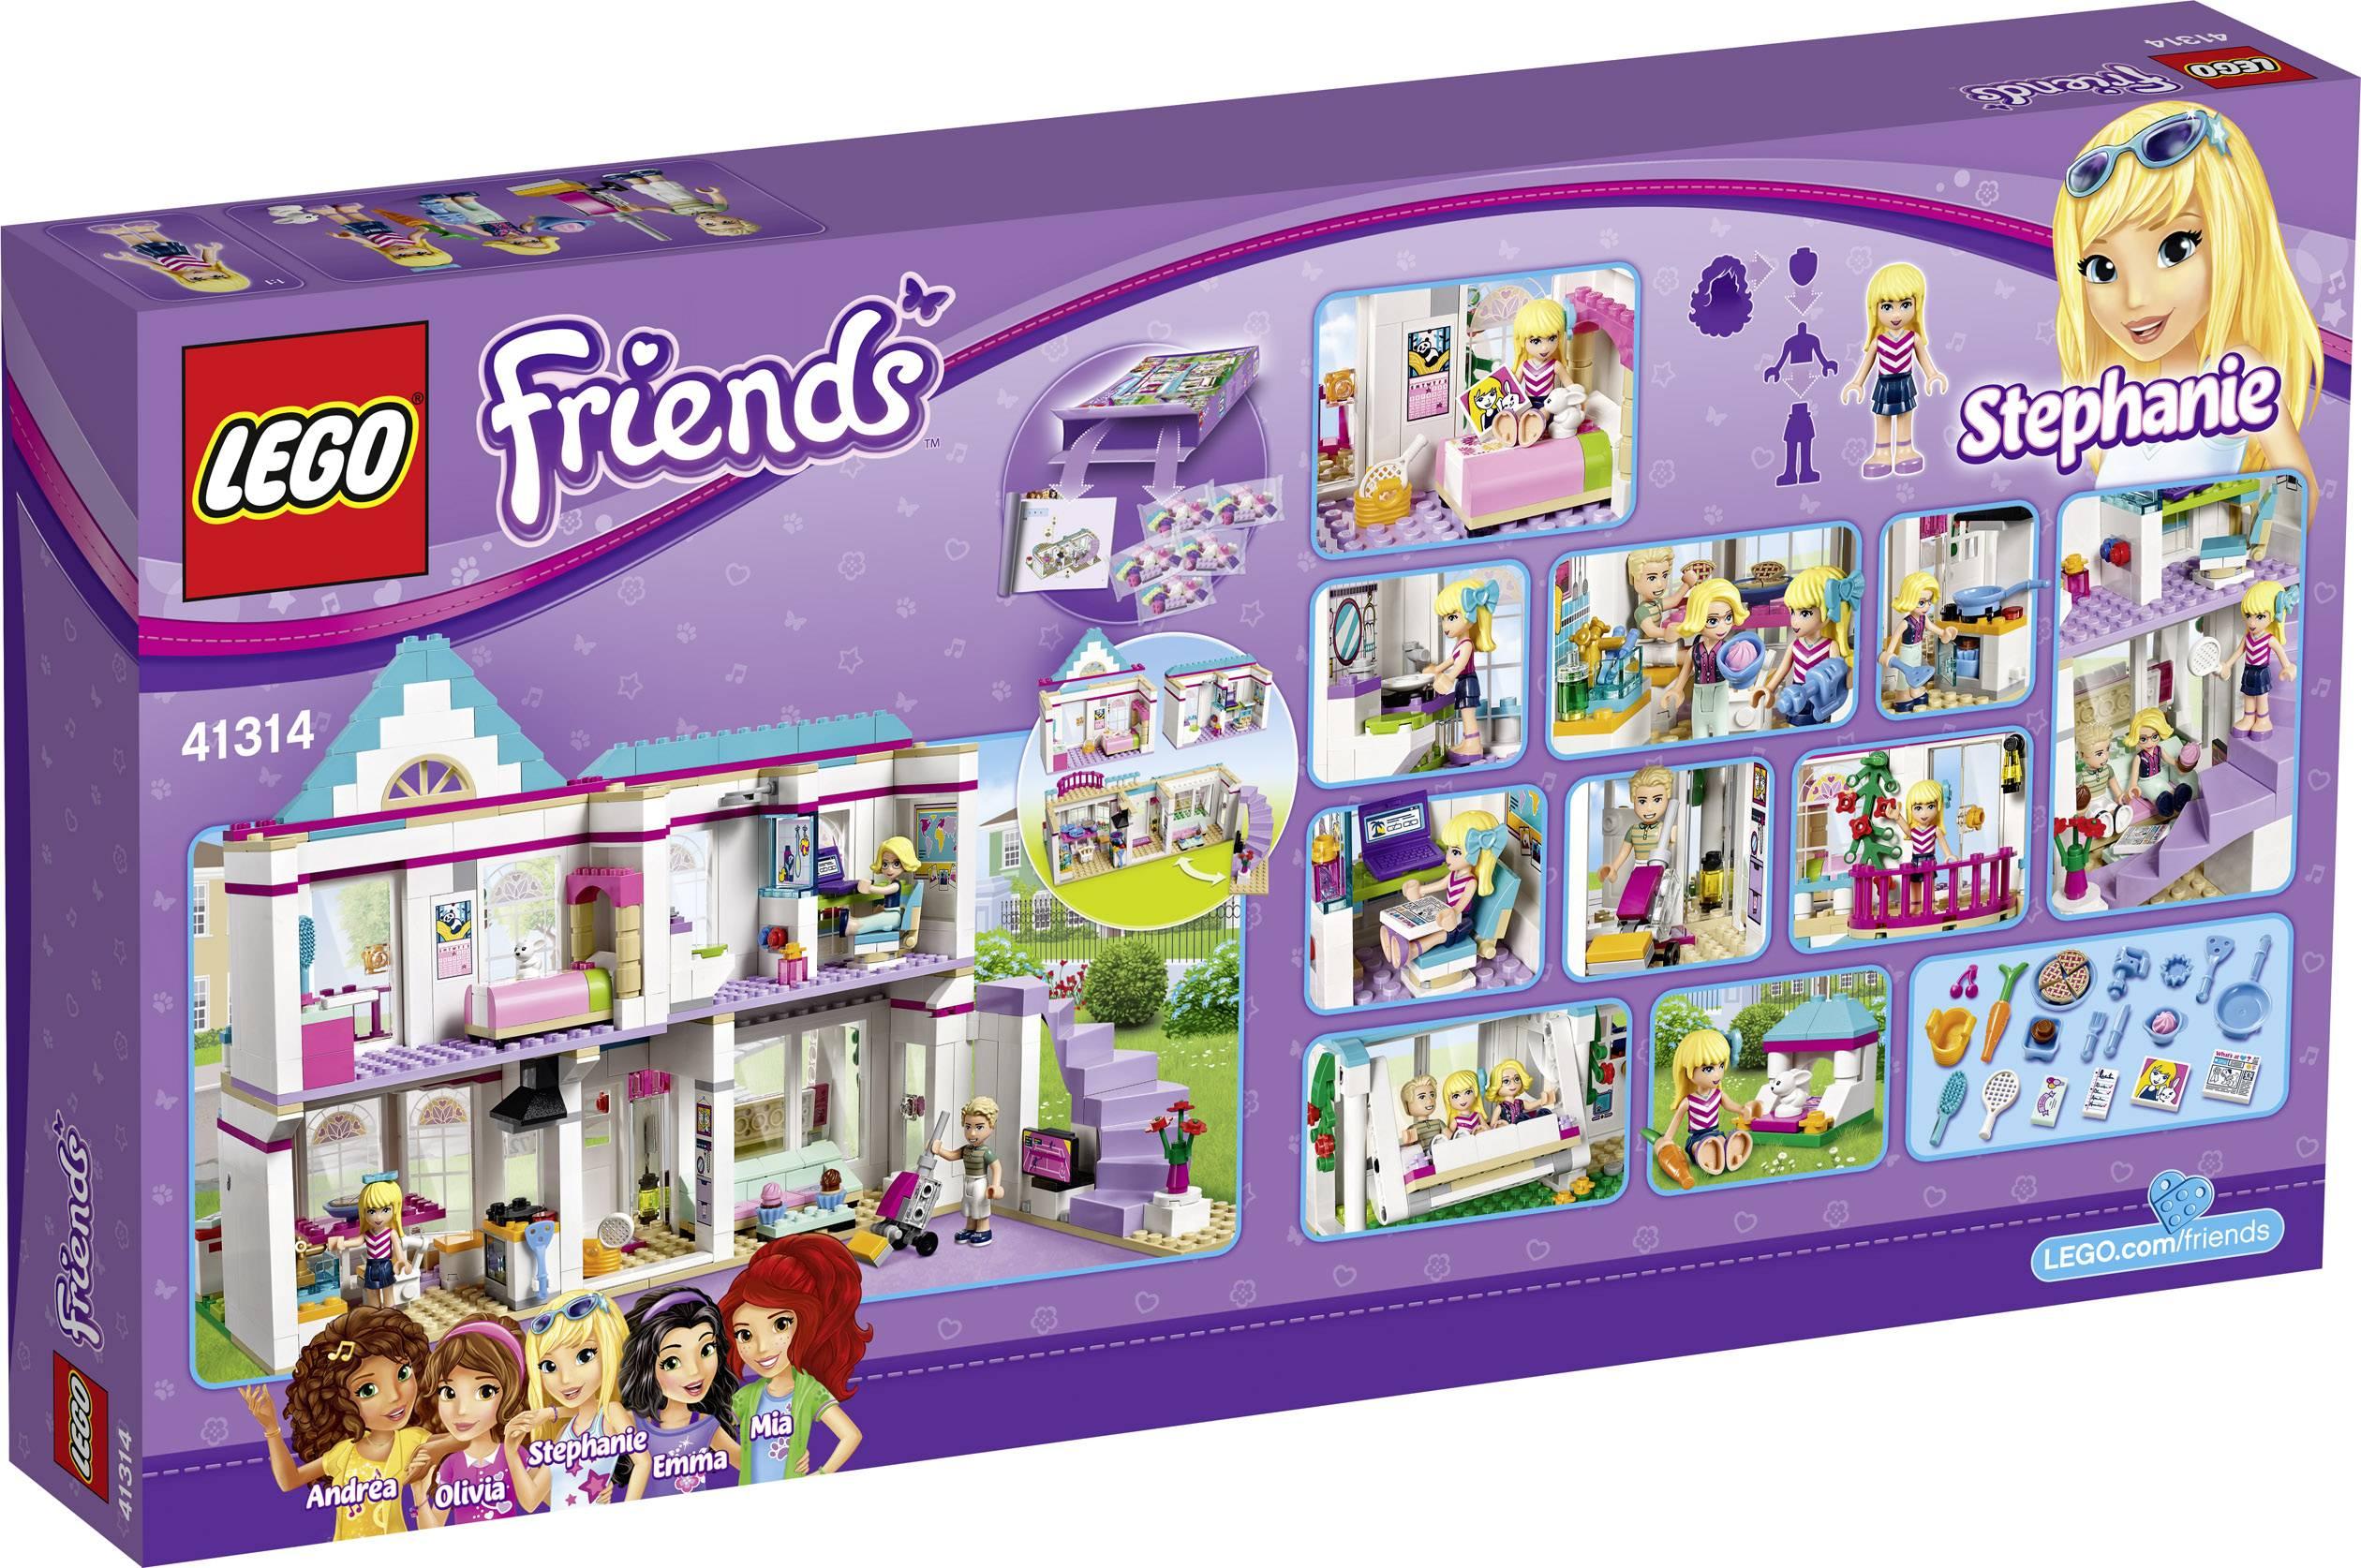 Lego friends stephanie s huis conrad